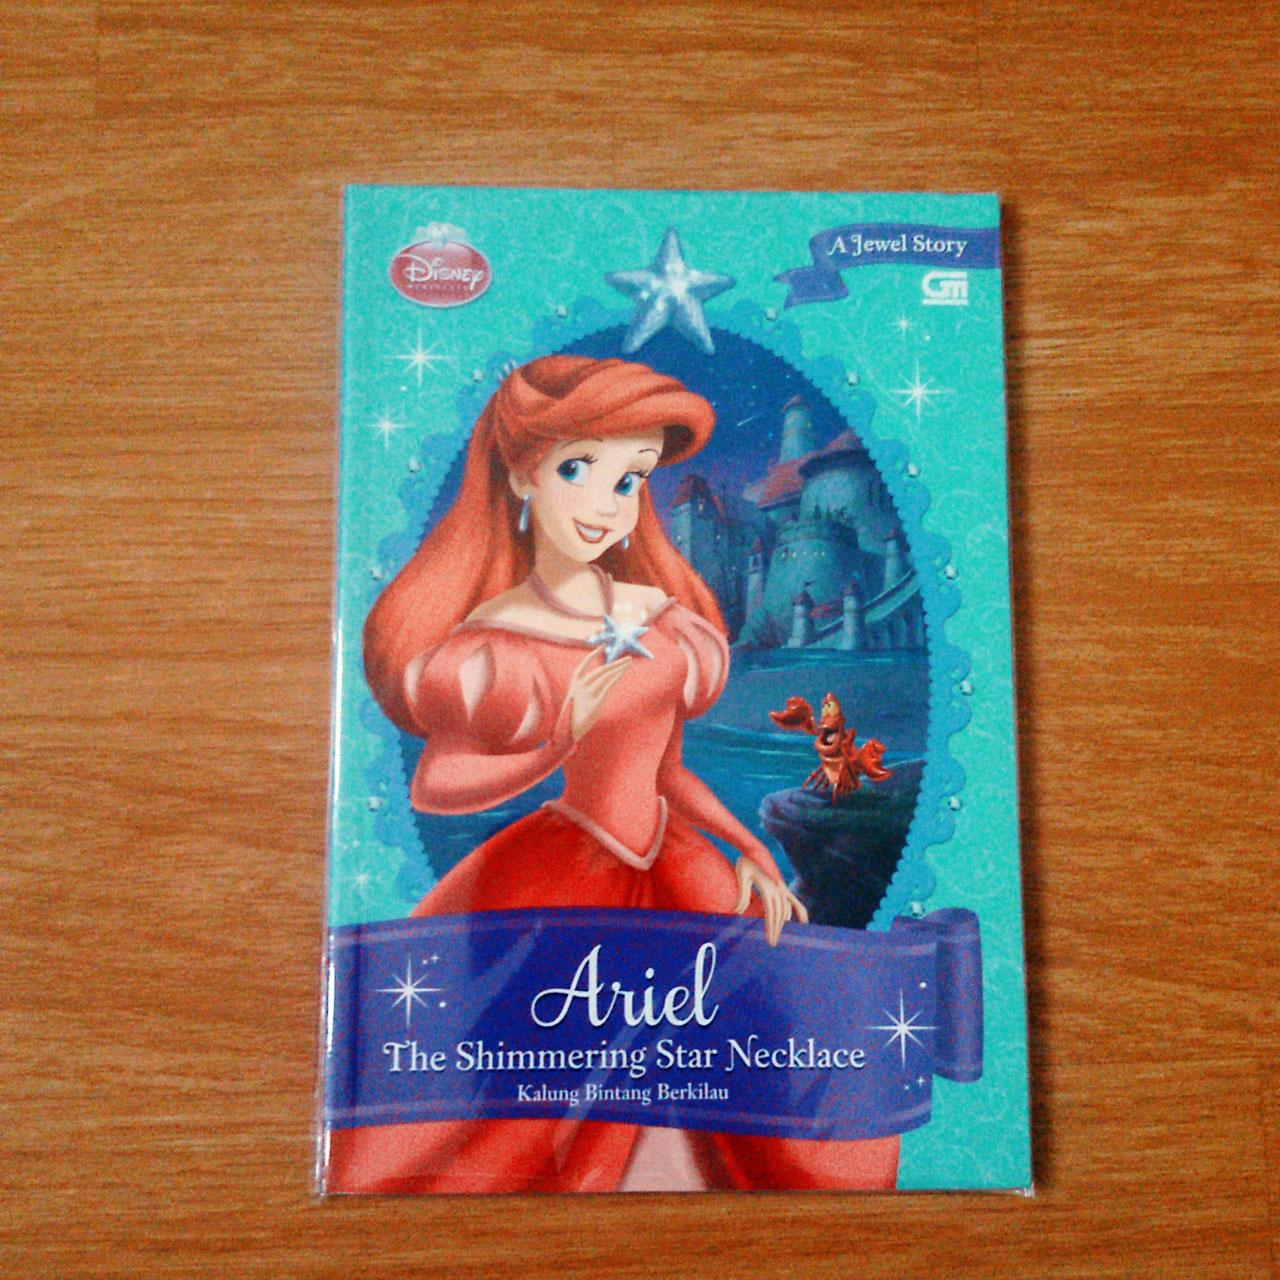 harga Disney Princess Ariel Kalung Bintang Berkilau Tokopedia.com